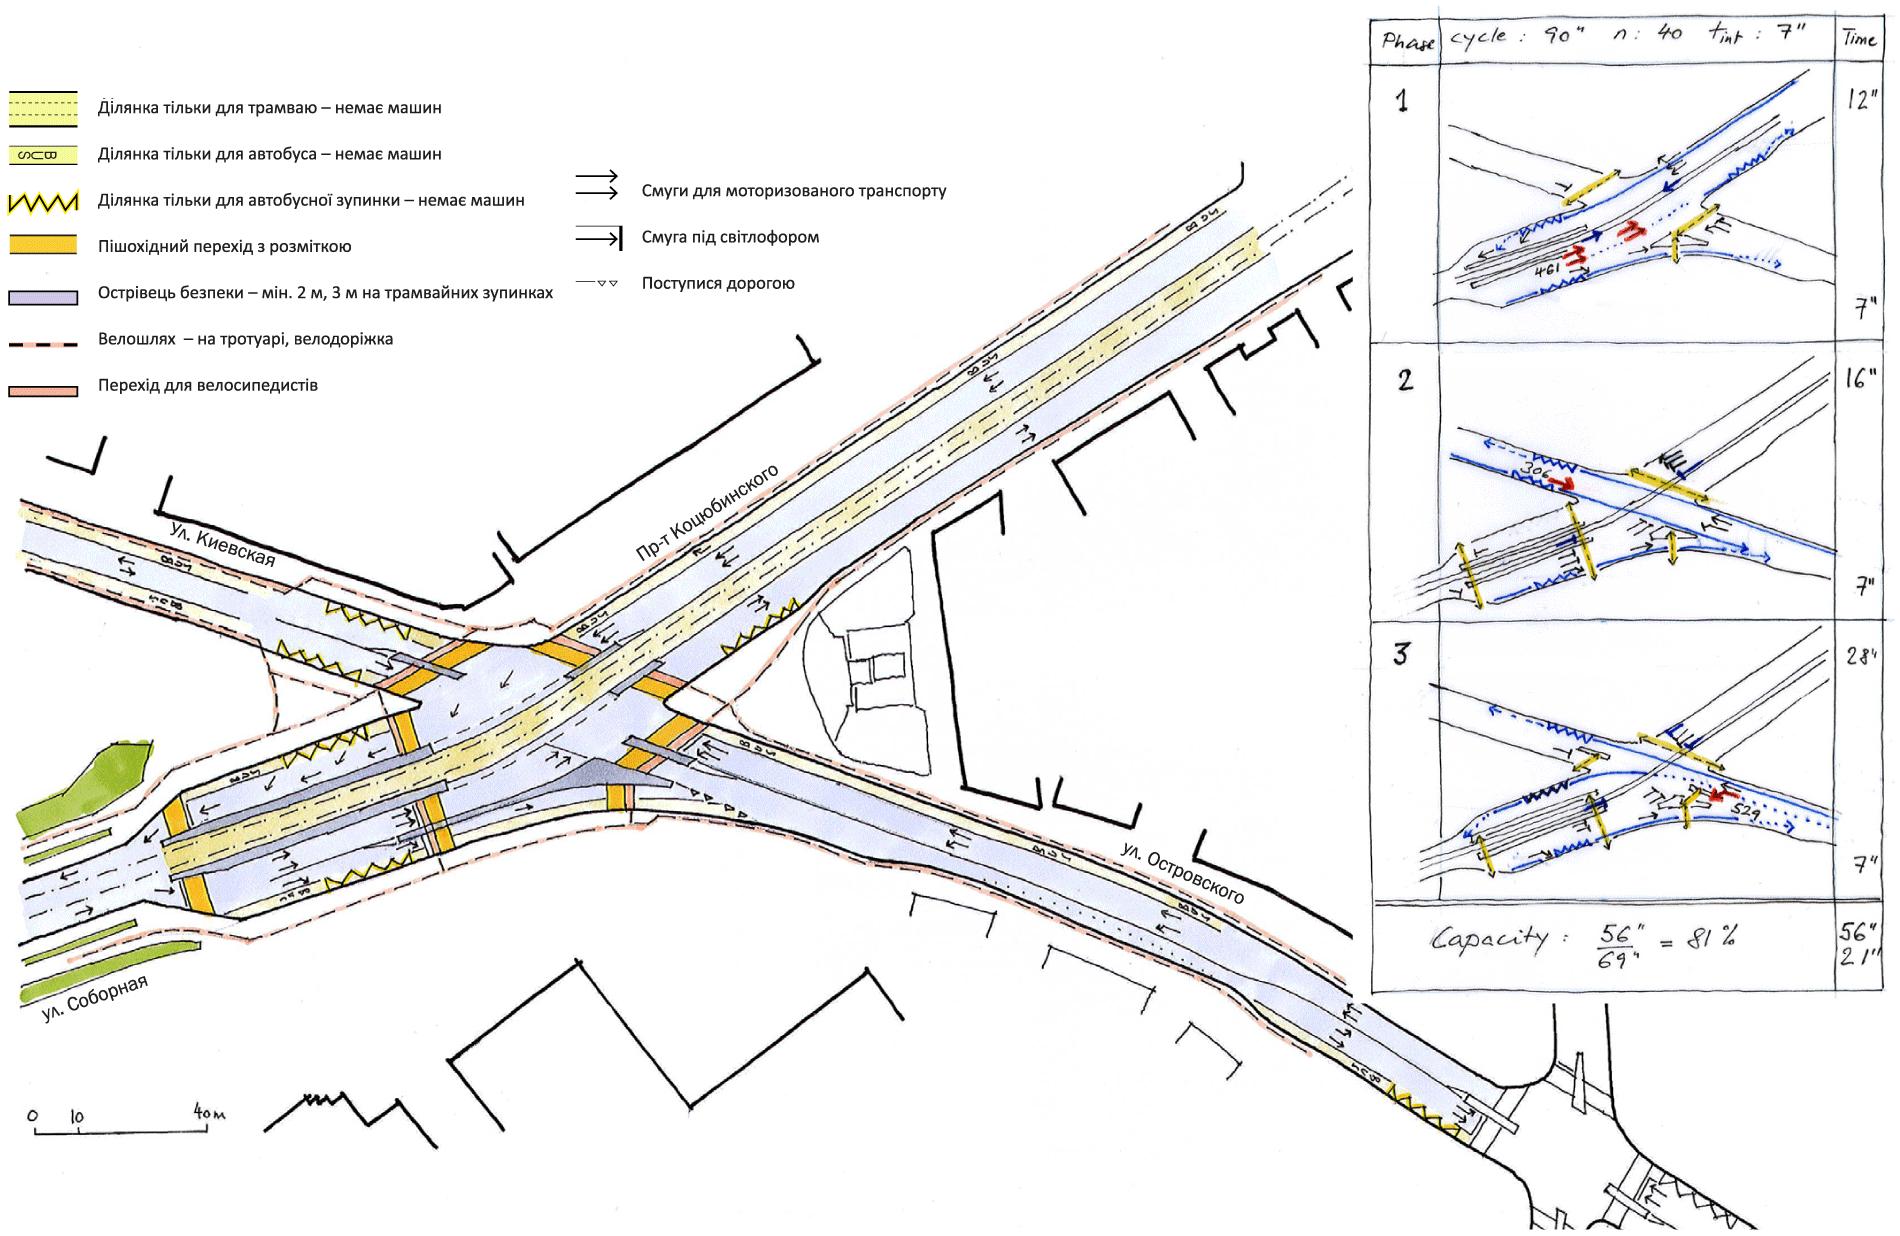 Оптимальний варіант  з максимально компактними зупинками громадського транспорту.